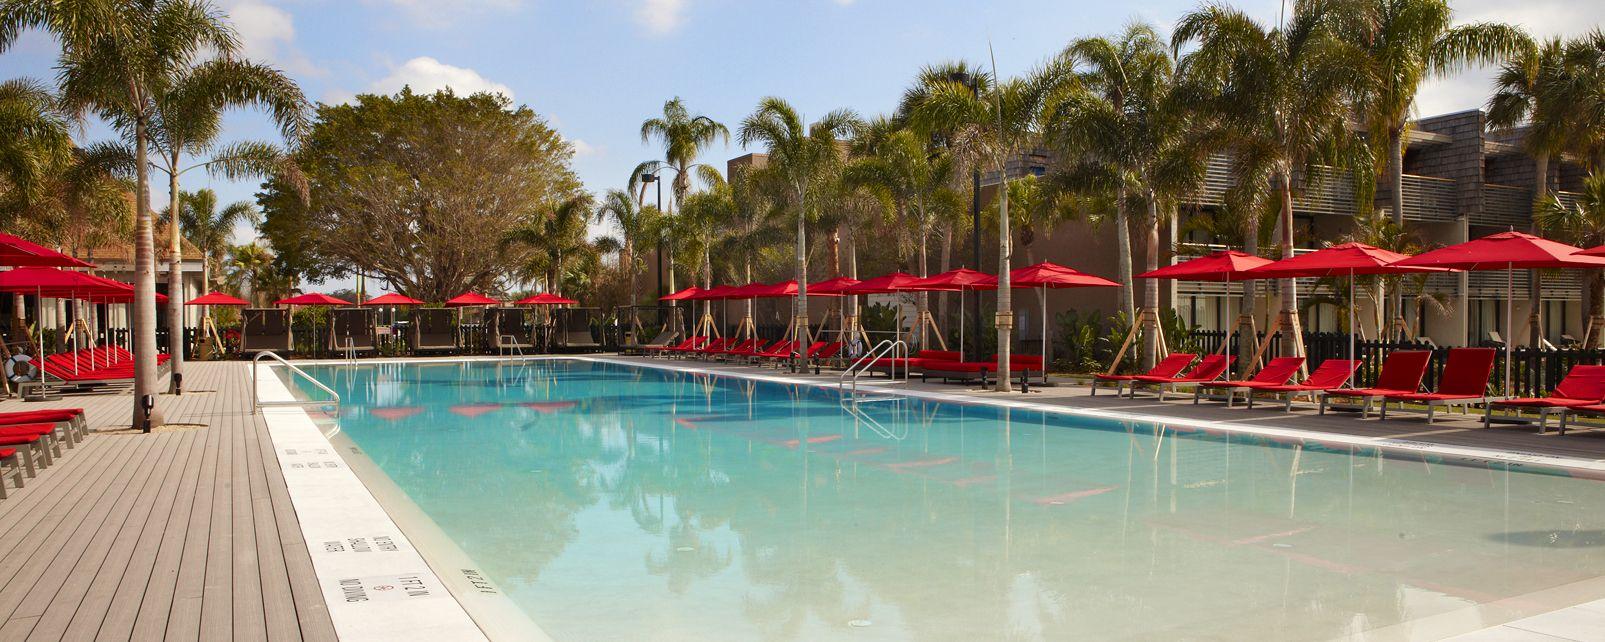 Club Med Sandpiper Bay